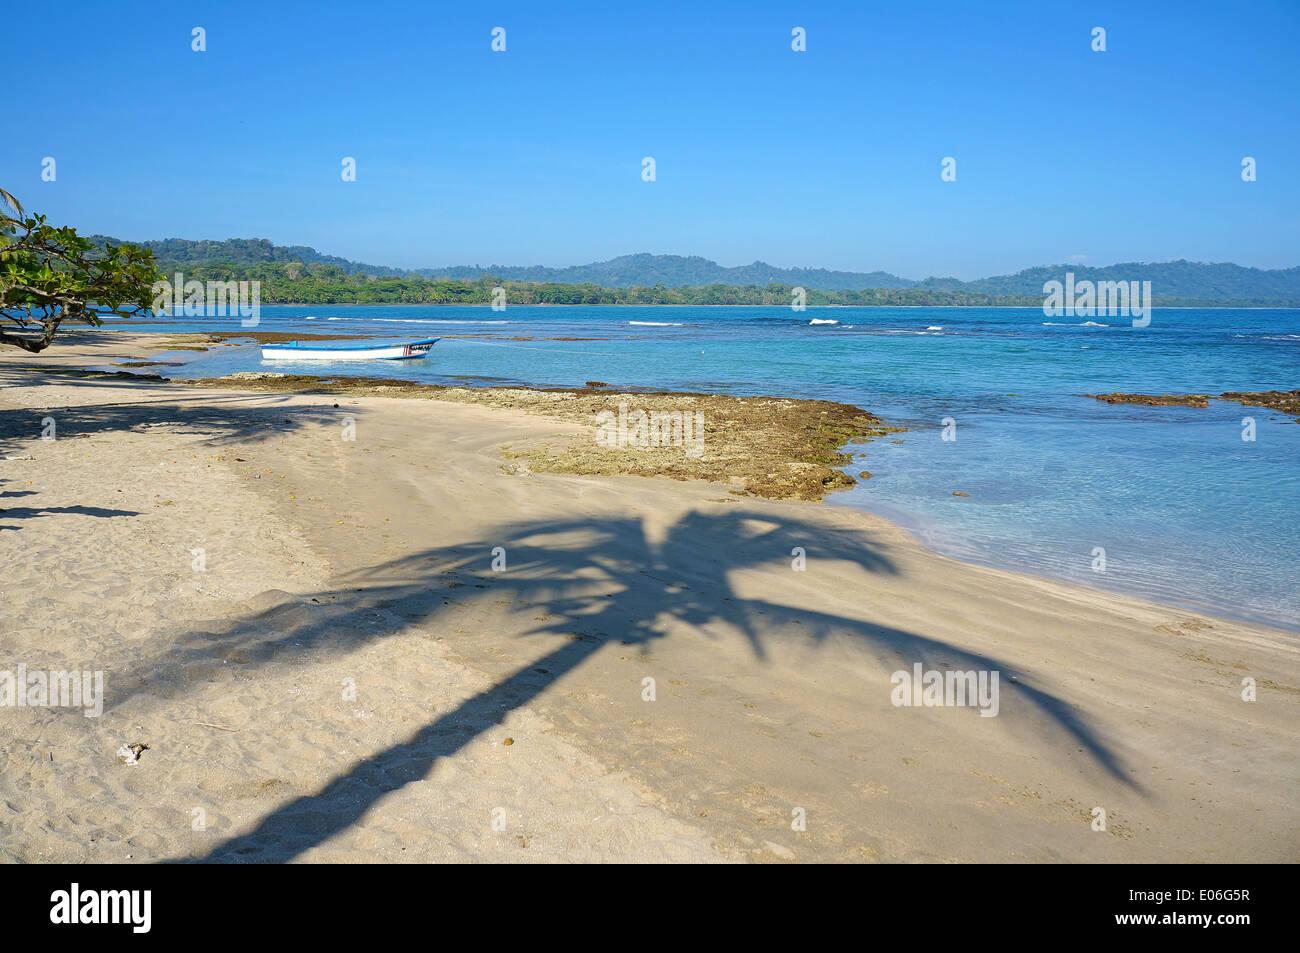 Ombra di palma su una spiaggia tranquilla, sul mare dei Caraibi, Puerto Viejo de Talamanca, Costa Rica Immagini Stock